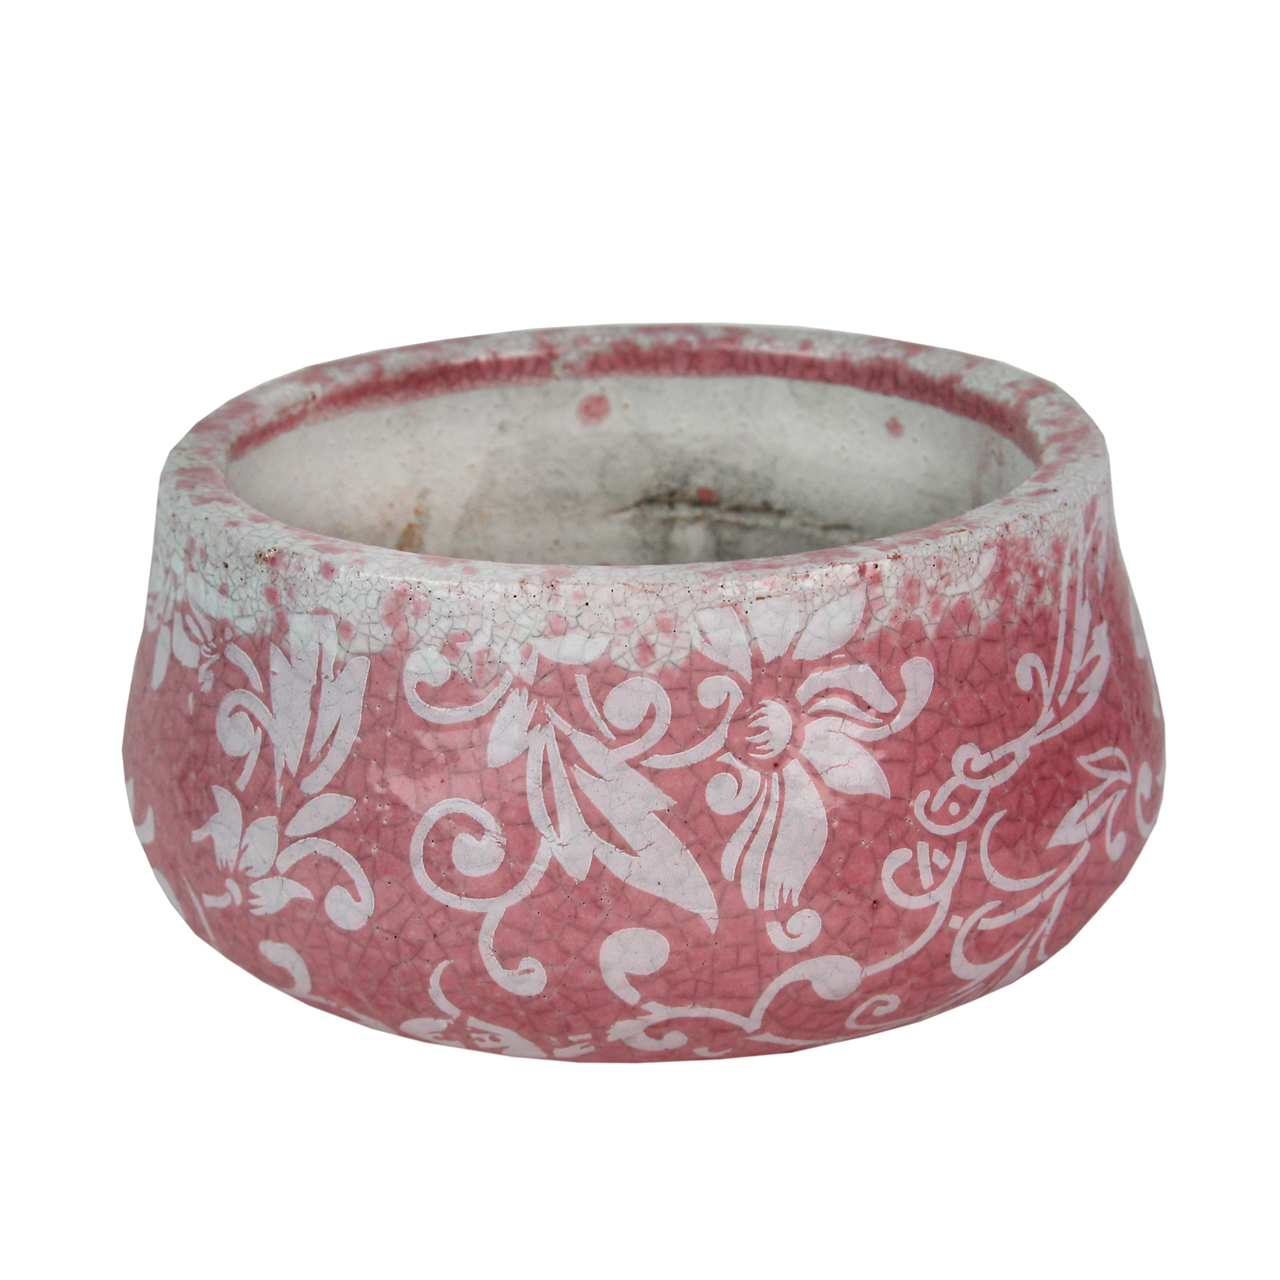 Vas Decorativ Din Ceramica Roz Cu Alb 9 Cm